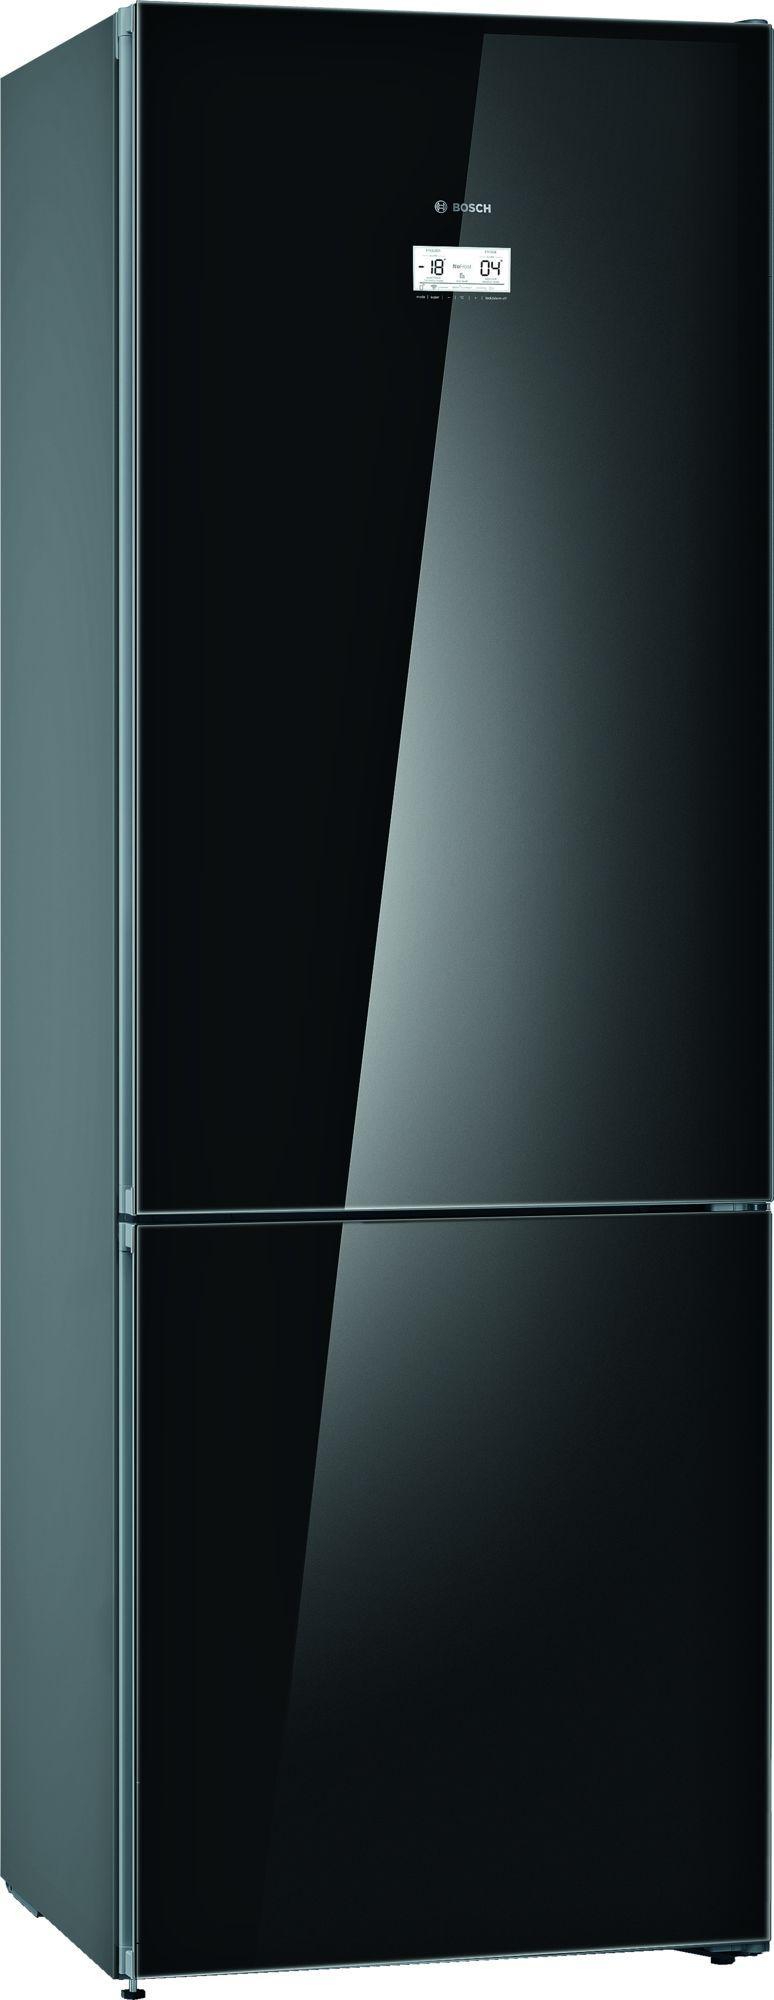 Photo Réfrigérateur Bosch Combiné KGN49LBEA